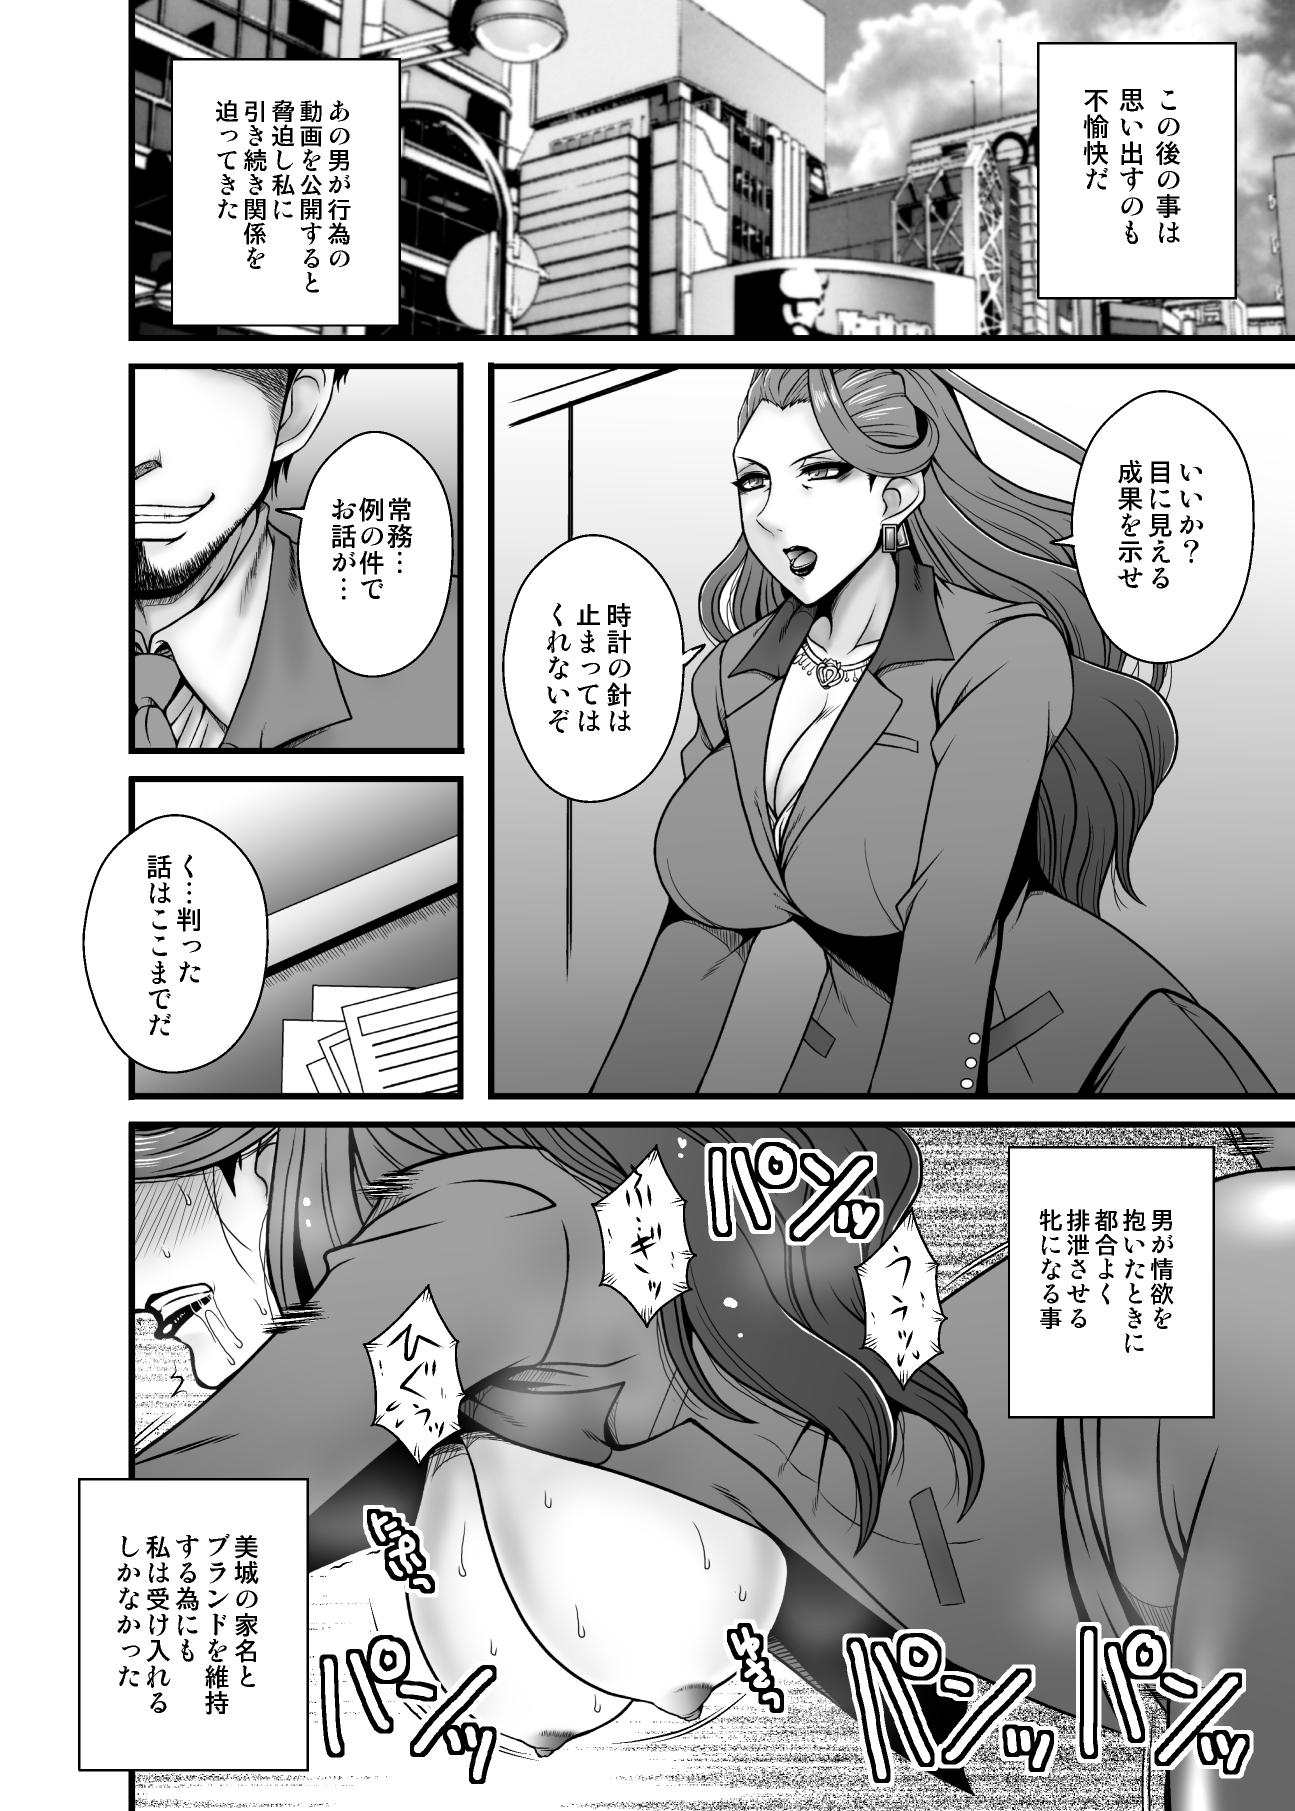 美熟女美城 〜年下の部下に陵辱されて〜のサンプル画像1